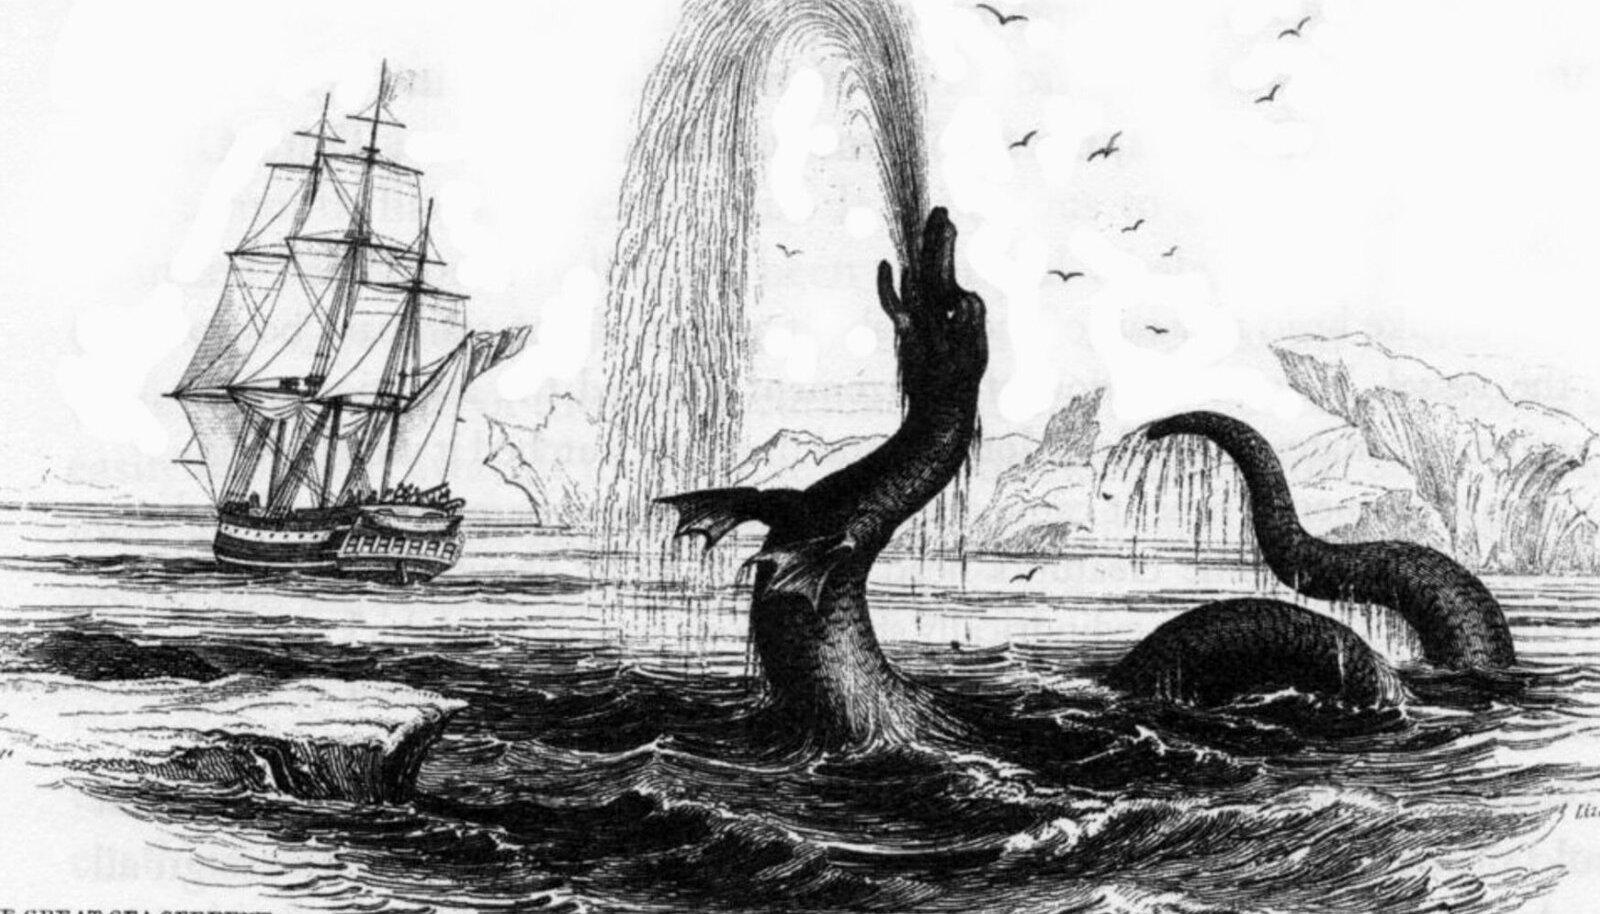 Viikingeid Egede ei leidnud, küll aga väitis ta end näinud olevat mitmesuguseid fantastilisi mereelukaid, keda ta hiljem oma raamatutes kirjeldas (pilt: Wikimedia Commons / Hans Egede joonistus aastast 1734)